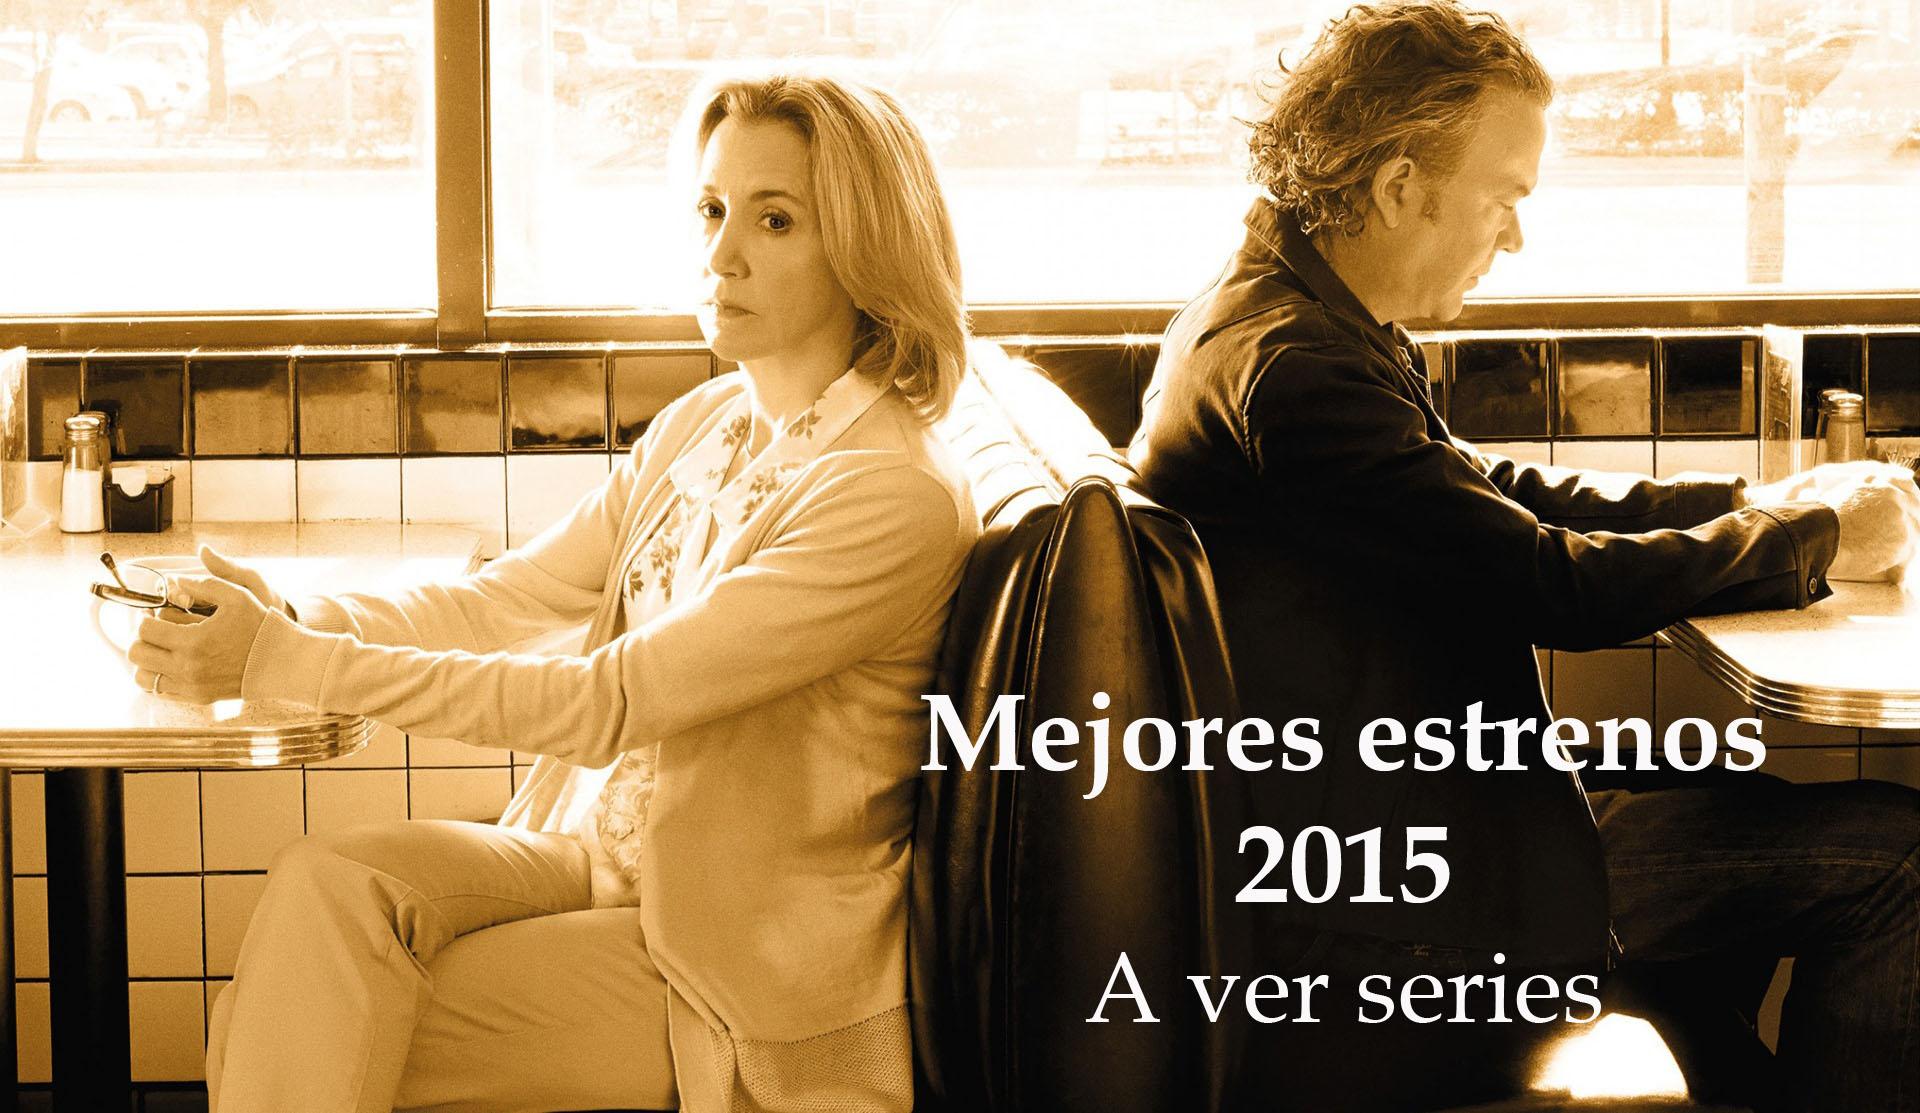 mejores estrenos 2015